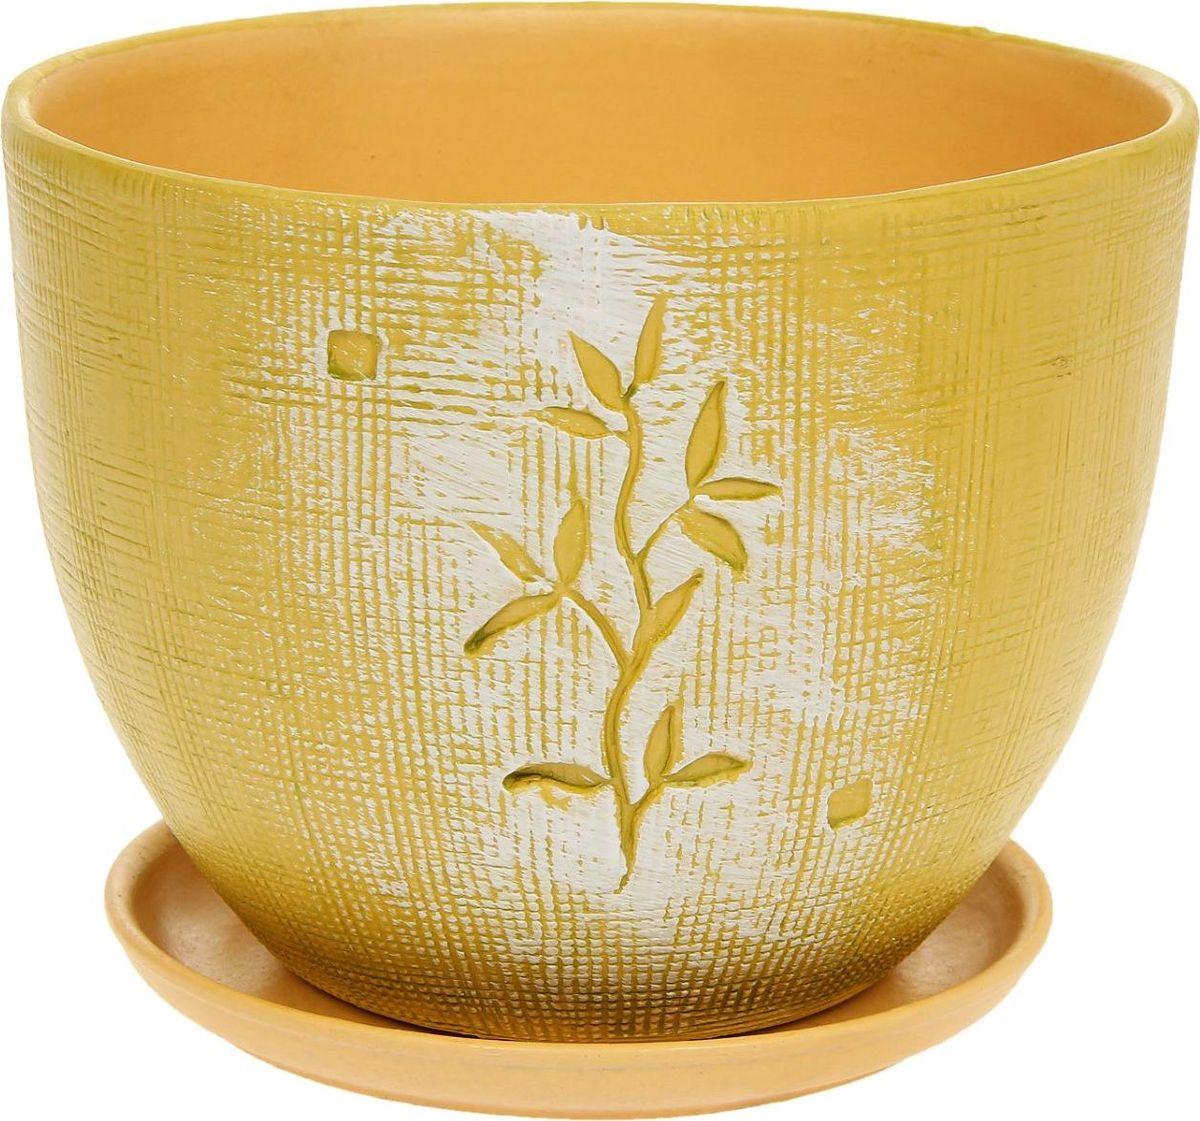 Кашпо Росток, 2 л1138691Комнатные растения — всеобщие любимцы. Они радуют глаз, насыщают помещение кислородом и украшают пространство. Каждому из них необходим свой удобный и красивый дом. Кашпо из керамики прекрасно подходят для высадки растений: за счёт пластичности глины и разных способов обработки существует великое множество форм и дизайновпористый материал позволяет испаряться лишней влагевоздух, необходимый для дыхания корней, проникает сквозь керамические стенки! #name# позаботится о зелёном питомце, освежит интерьер и подчеркнёт его стиль.